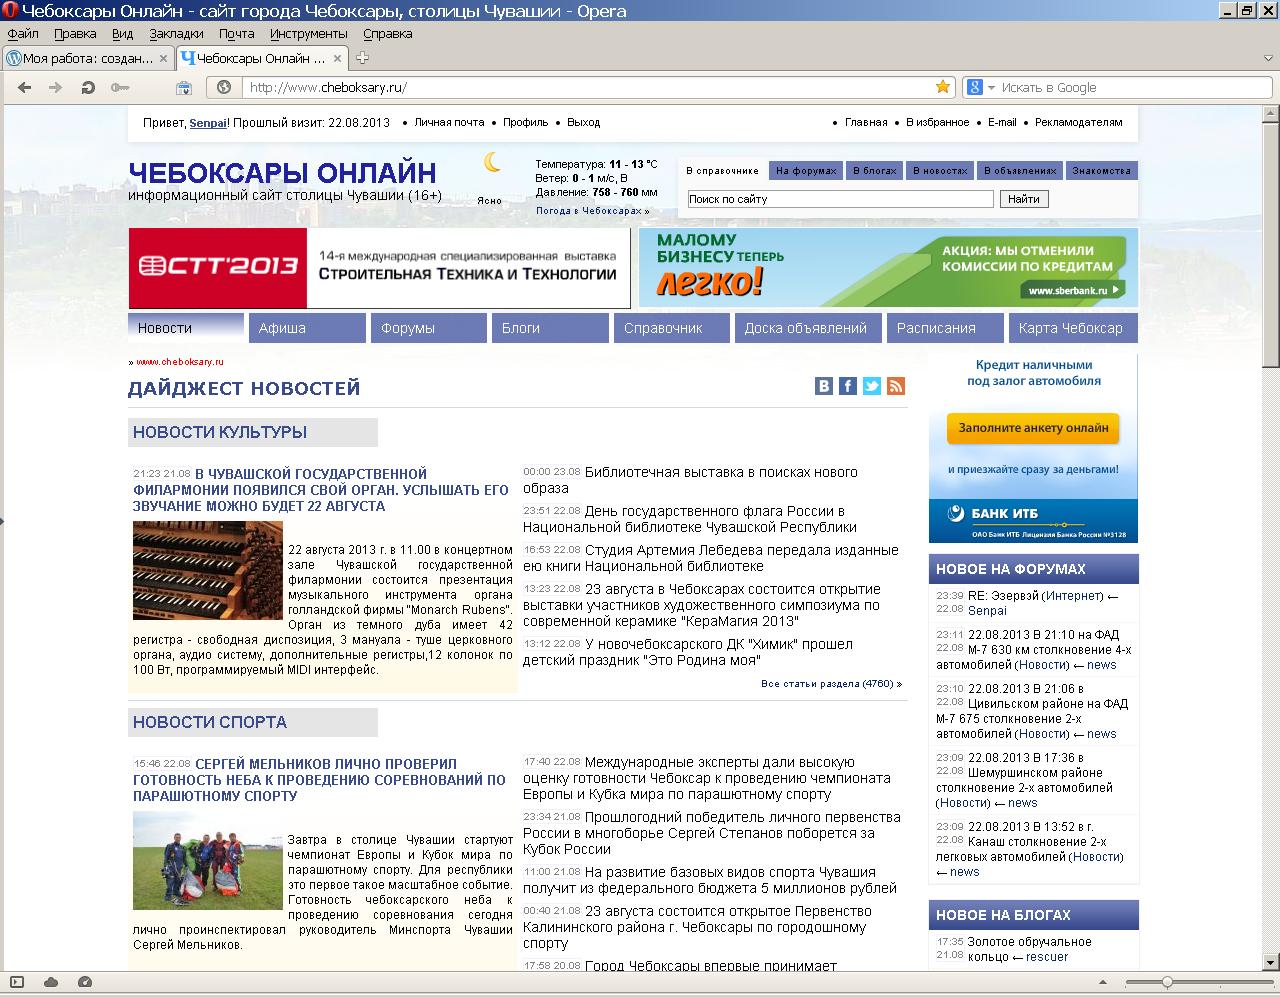 Дизайн сайтов чебоксары